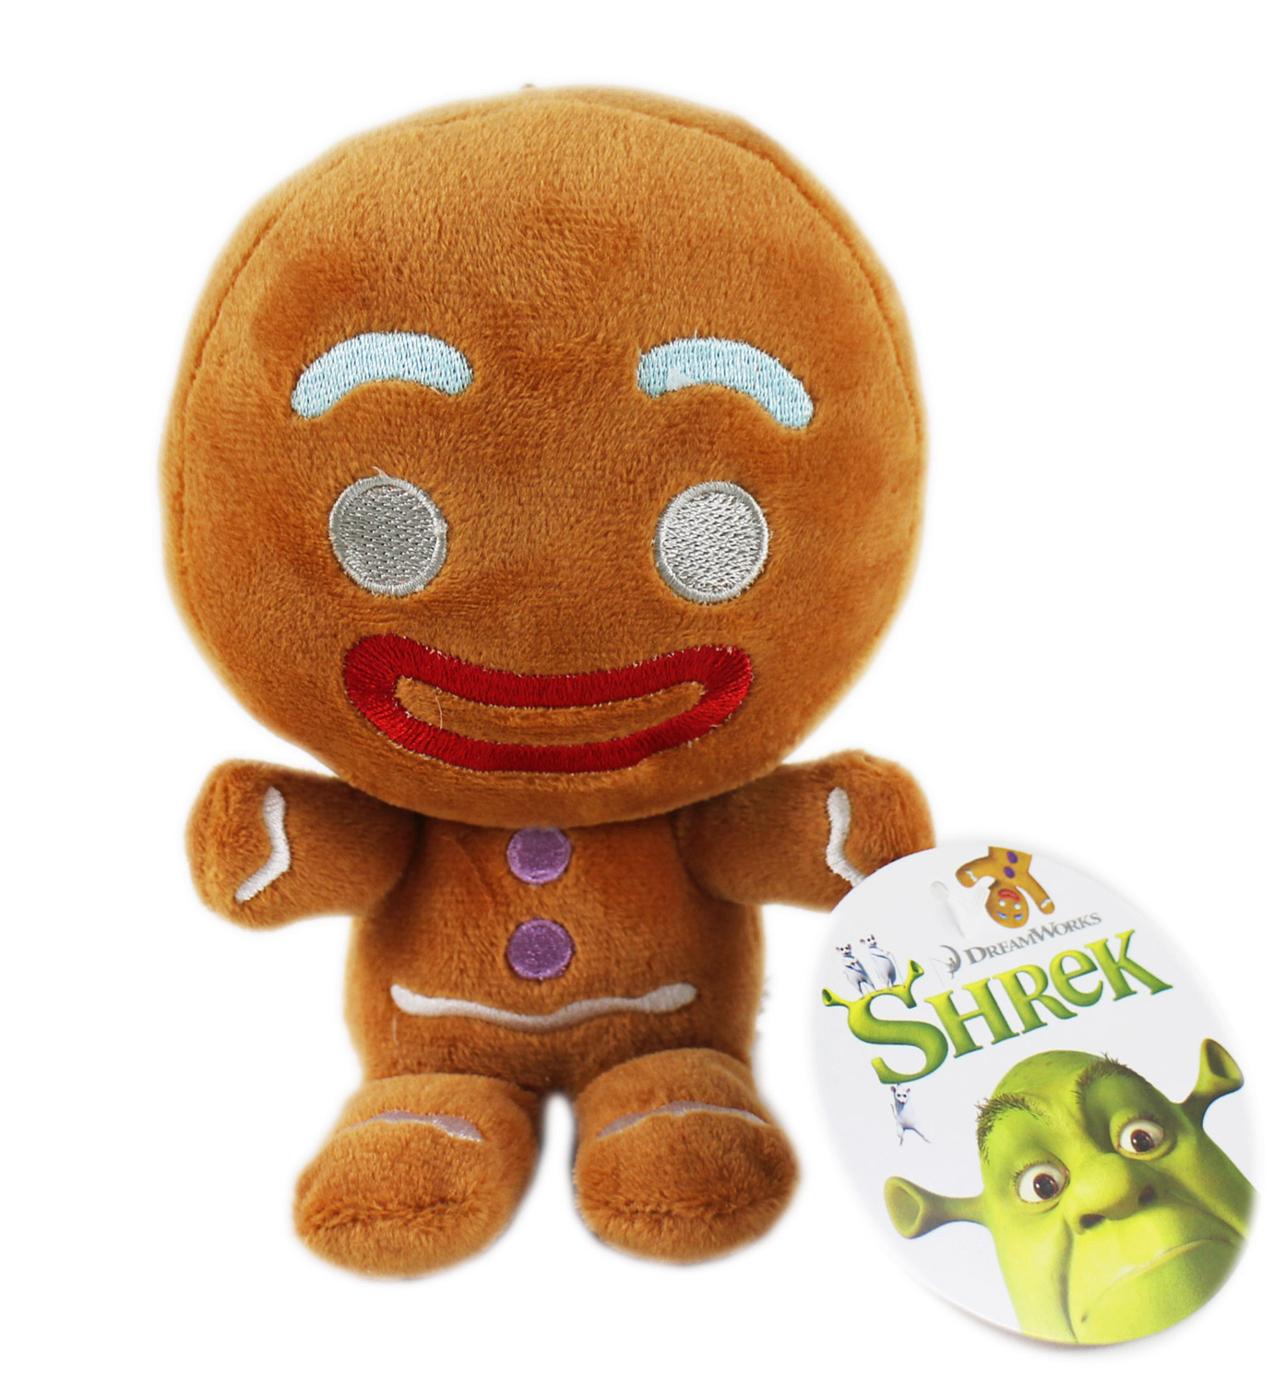 【卡漫城】 薑餅人 玩偶 16CM ㊣版 Gingy 史瑞克 Shrek 絨毛 娃娃 吊飾 布偶 擺飾 附吊繩